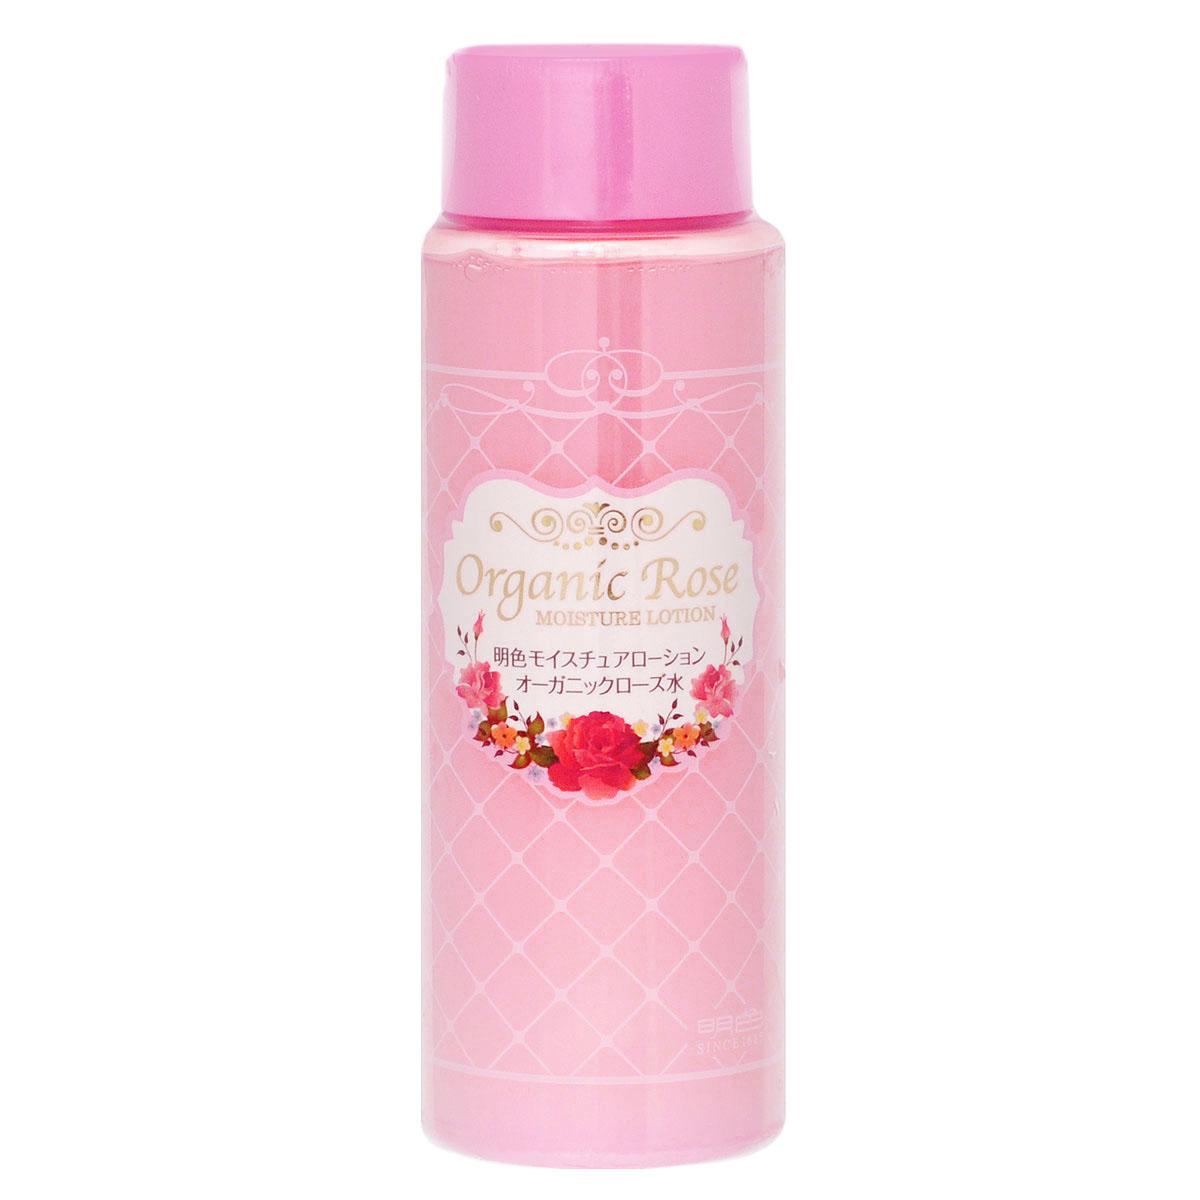 Meishoku Лосьон-уход для лица Organic Rose, увлажняющий, с экстрактом дамасской розы, 210 мл394028Лосьон Organic Rose превосходно ухаживает за кожей, поддерживает оптимальный уровень влаги в клетках кожи. Глубоко проникает. Помогает сделать кожу здоровой и красивой. В состав входят нанокапсулы, содержащие компоненты, удерживающие влагу в коже – гиалуроновую кислоту и экстракт ячменя, а также цветочную воду дамасской розы - компонент, нормализующий состояние кожи. Экстракт дамасской розы освежает и тонизирует уставшую кожу, насыщает ее витаминами.Товар сертифицирован.